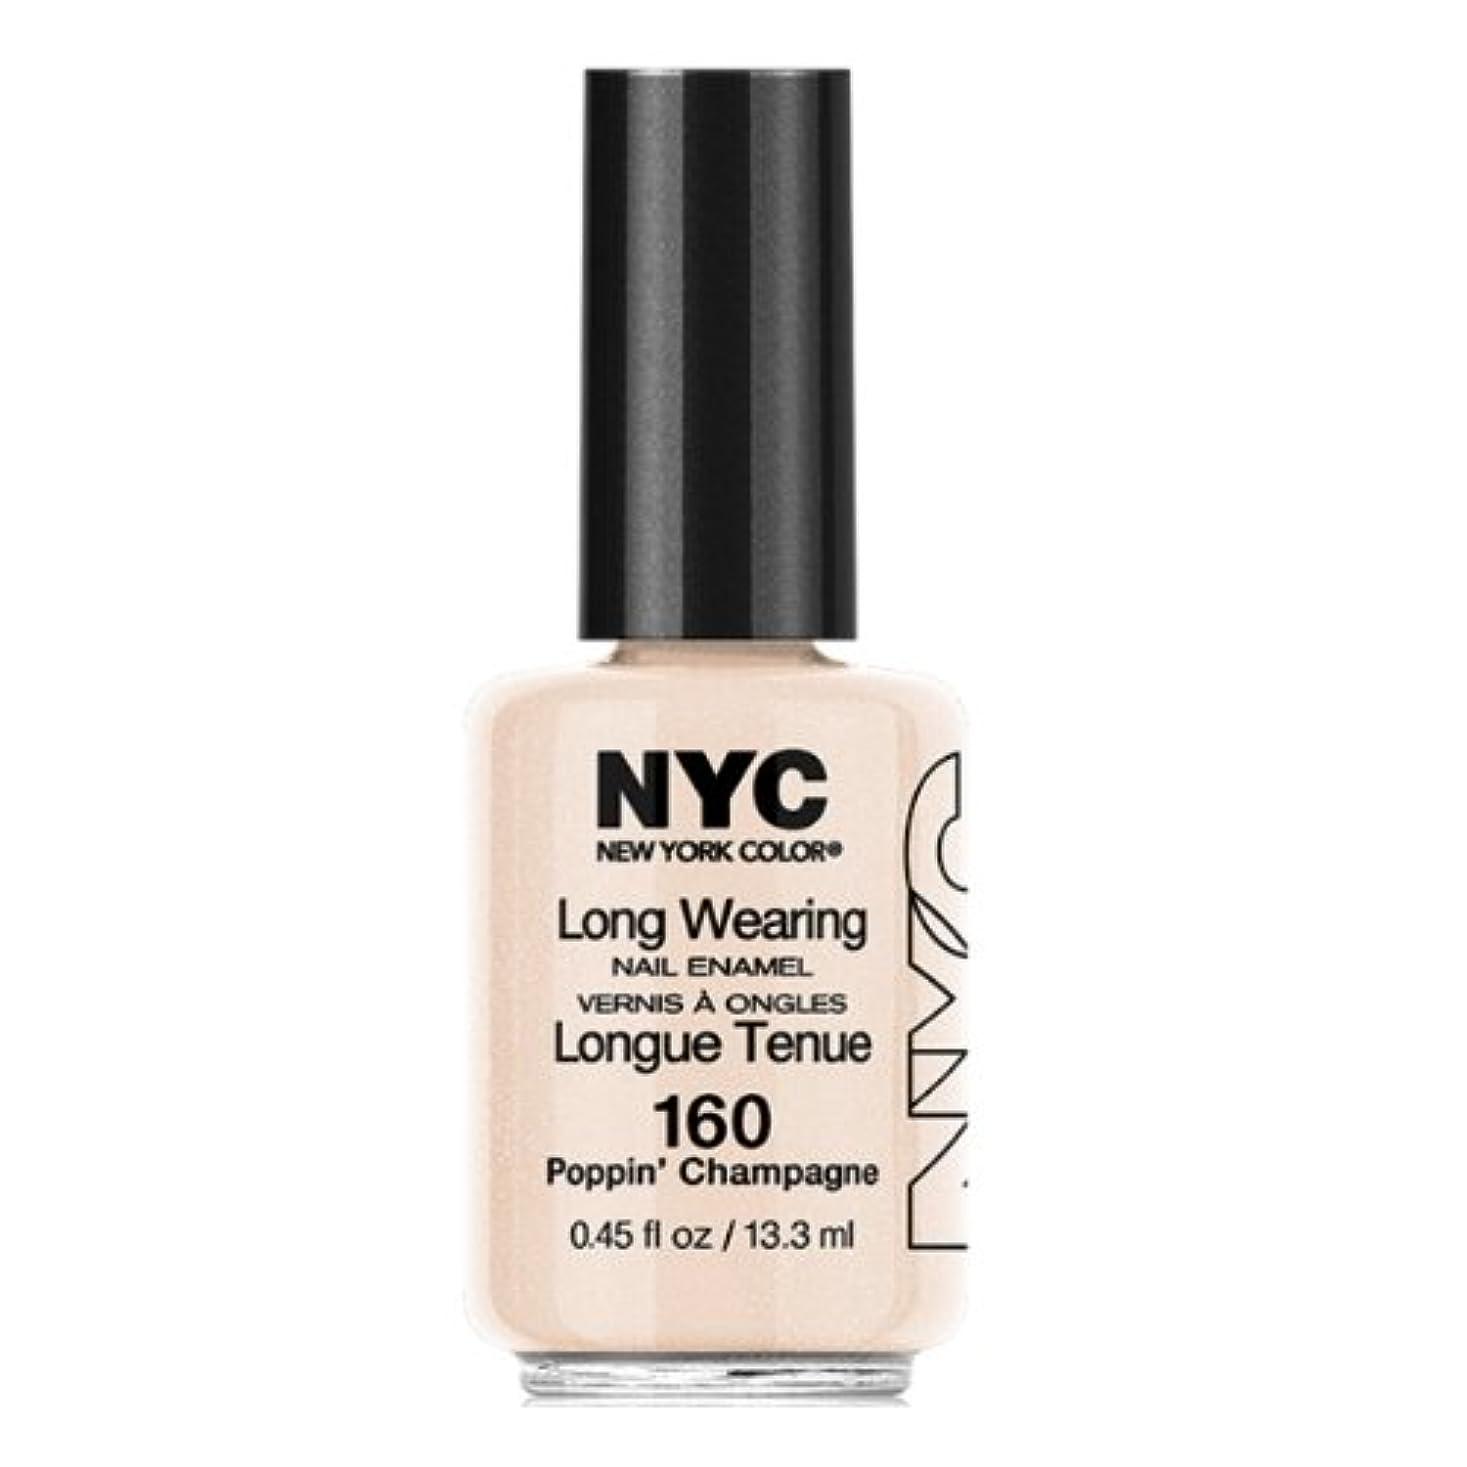 ブルデッドロック免除する(3 Pack) NYC Long Wearing Nail Enamel - Poppin' Champagne (並行輸入品)